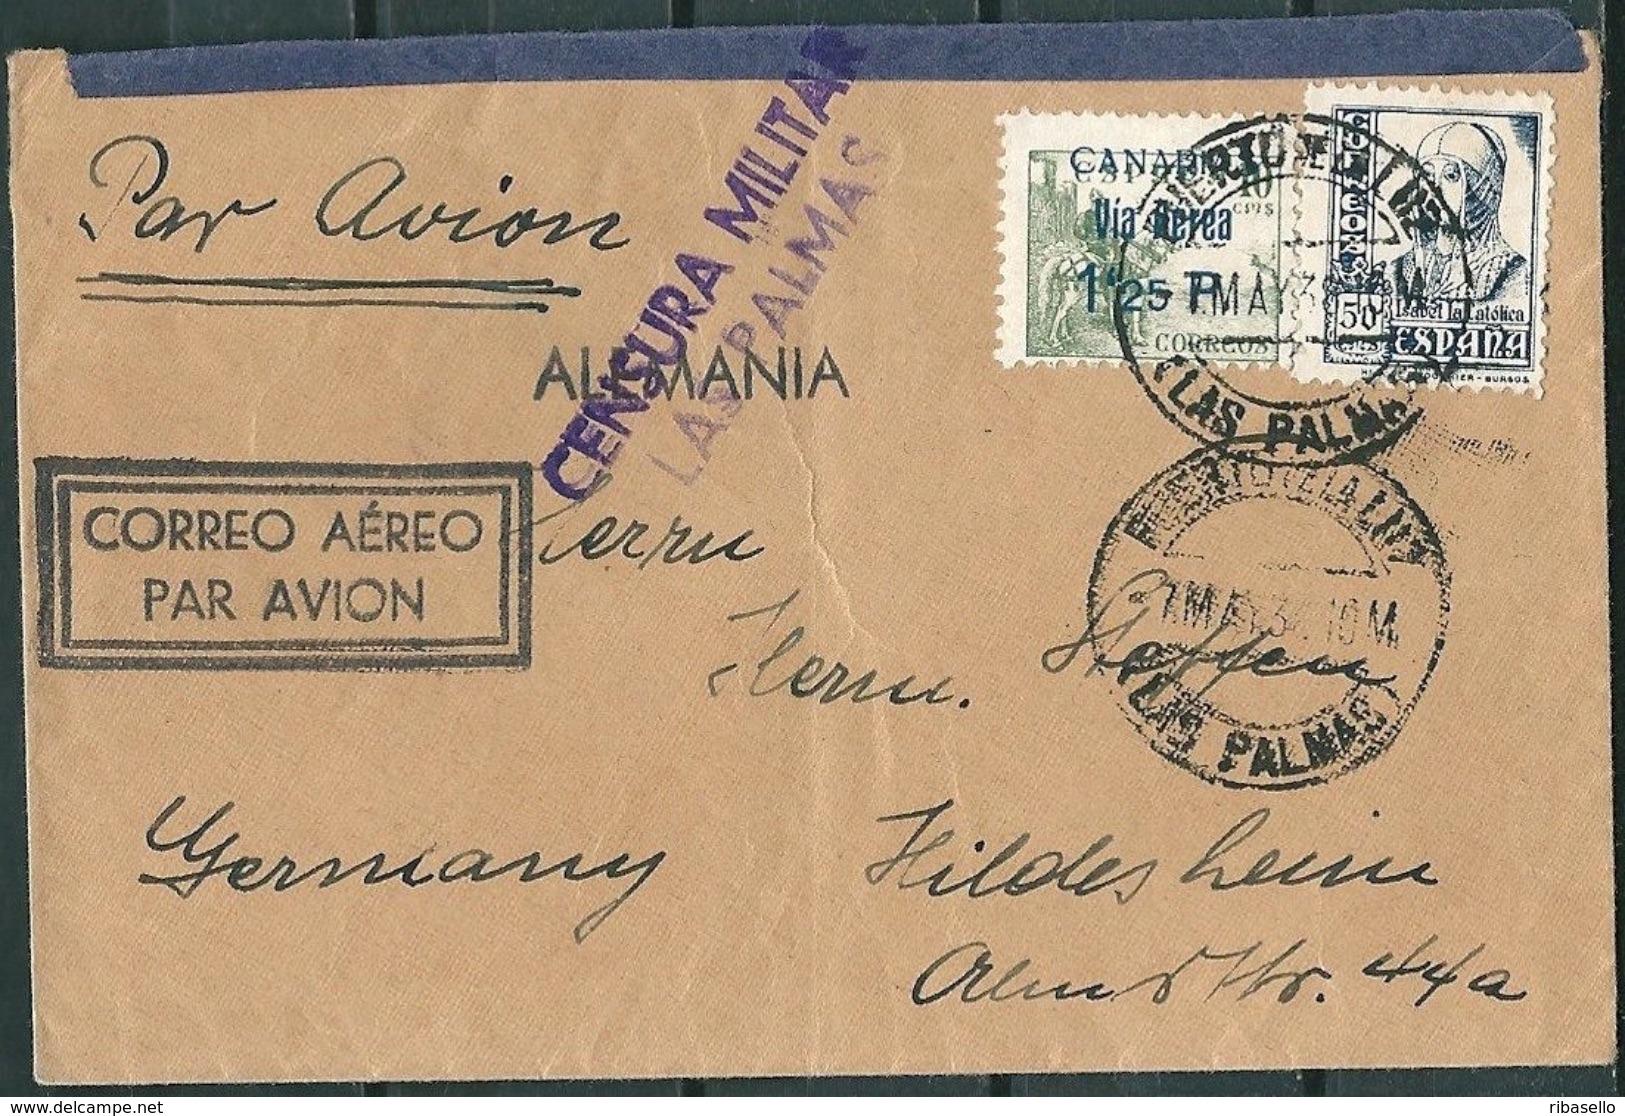 España 1938. Canarias. Carta De Las Palmas A Hildesheim. Censura. - Marcas De Censura Nacional